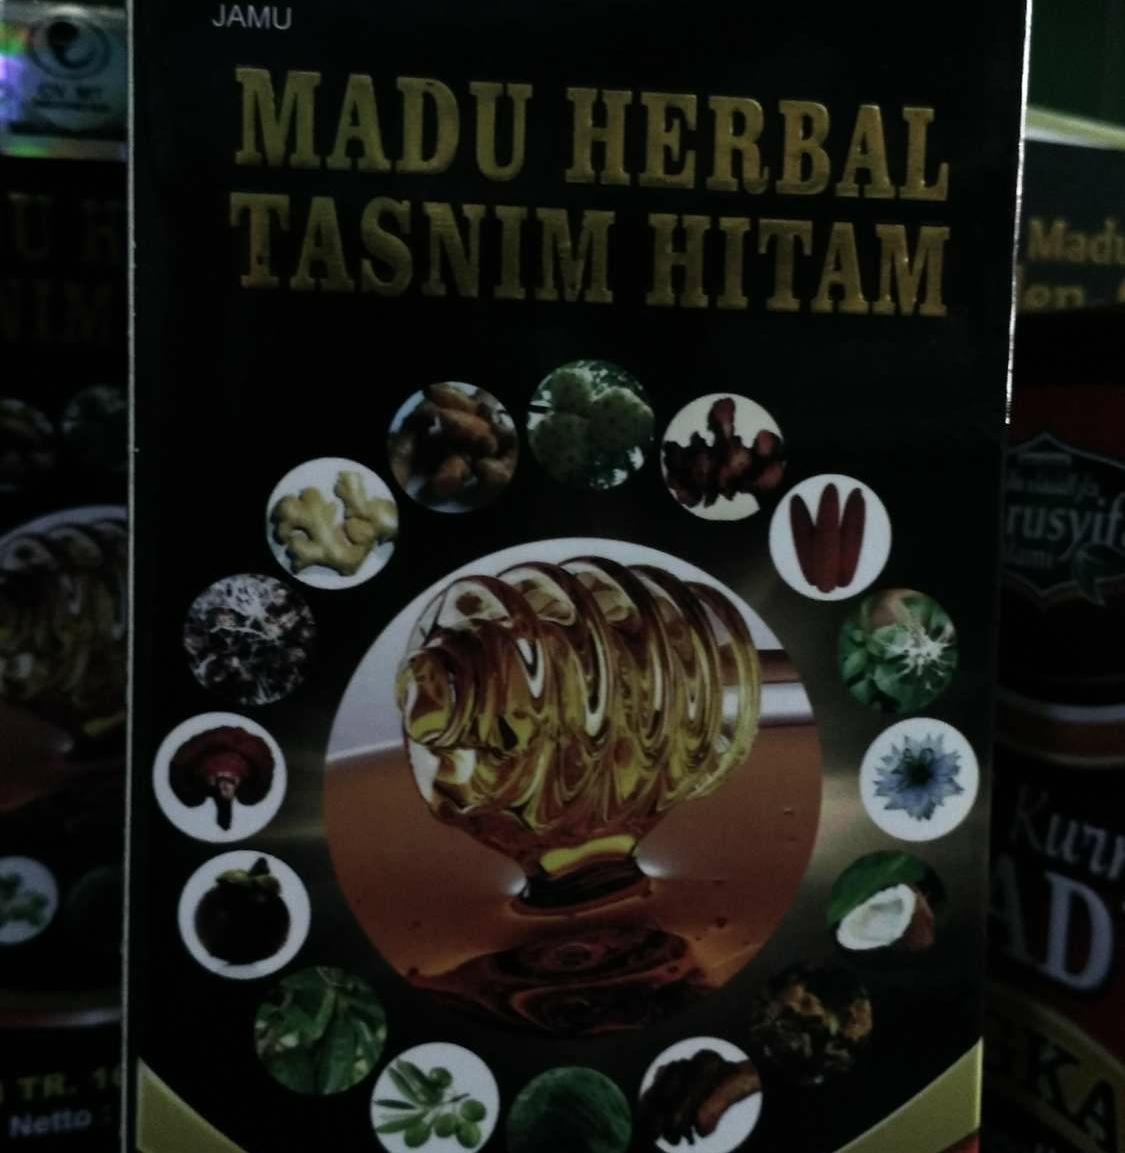 Tasnim Madu Herbal 17 In 1 Daftar Harga Terlengkap Indonesia Hitam Istimewa Dari Bahan Pilihan